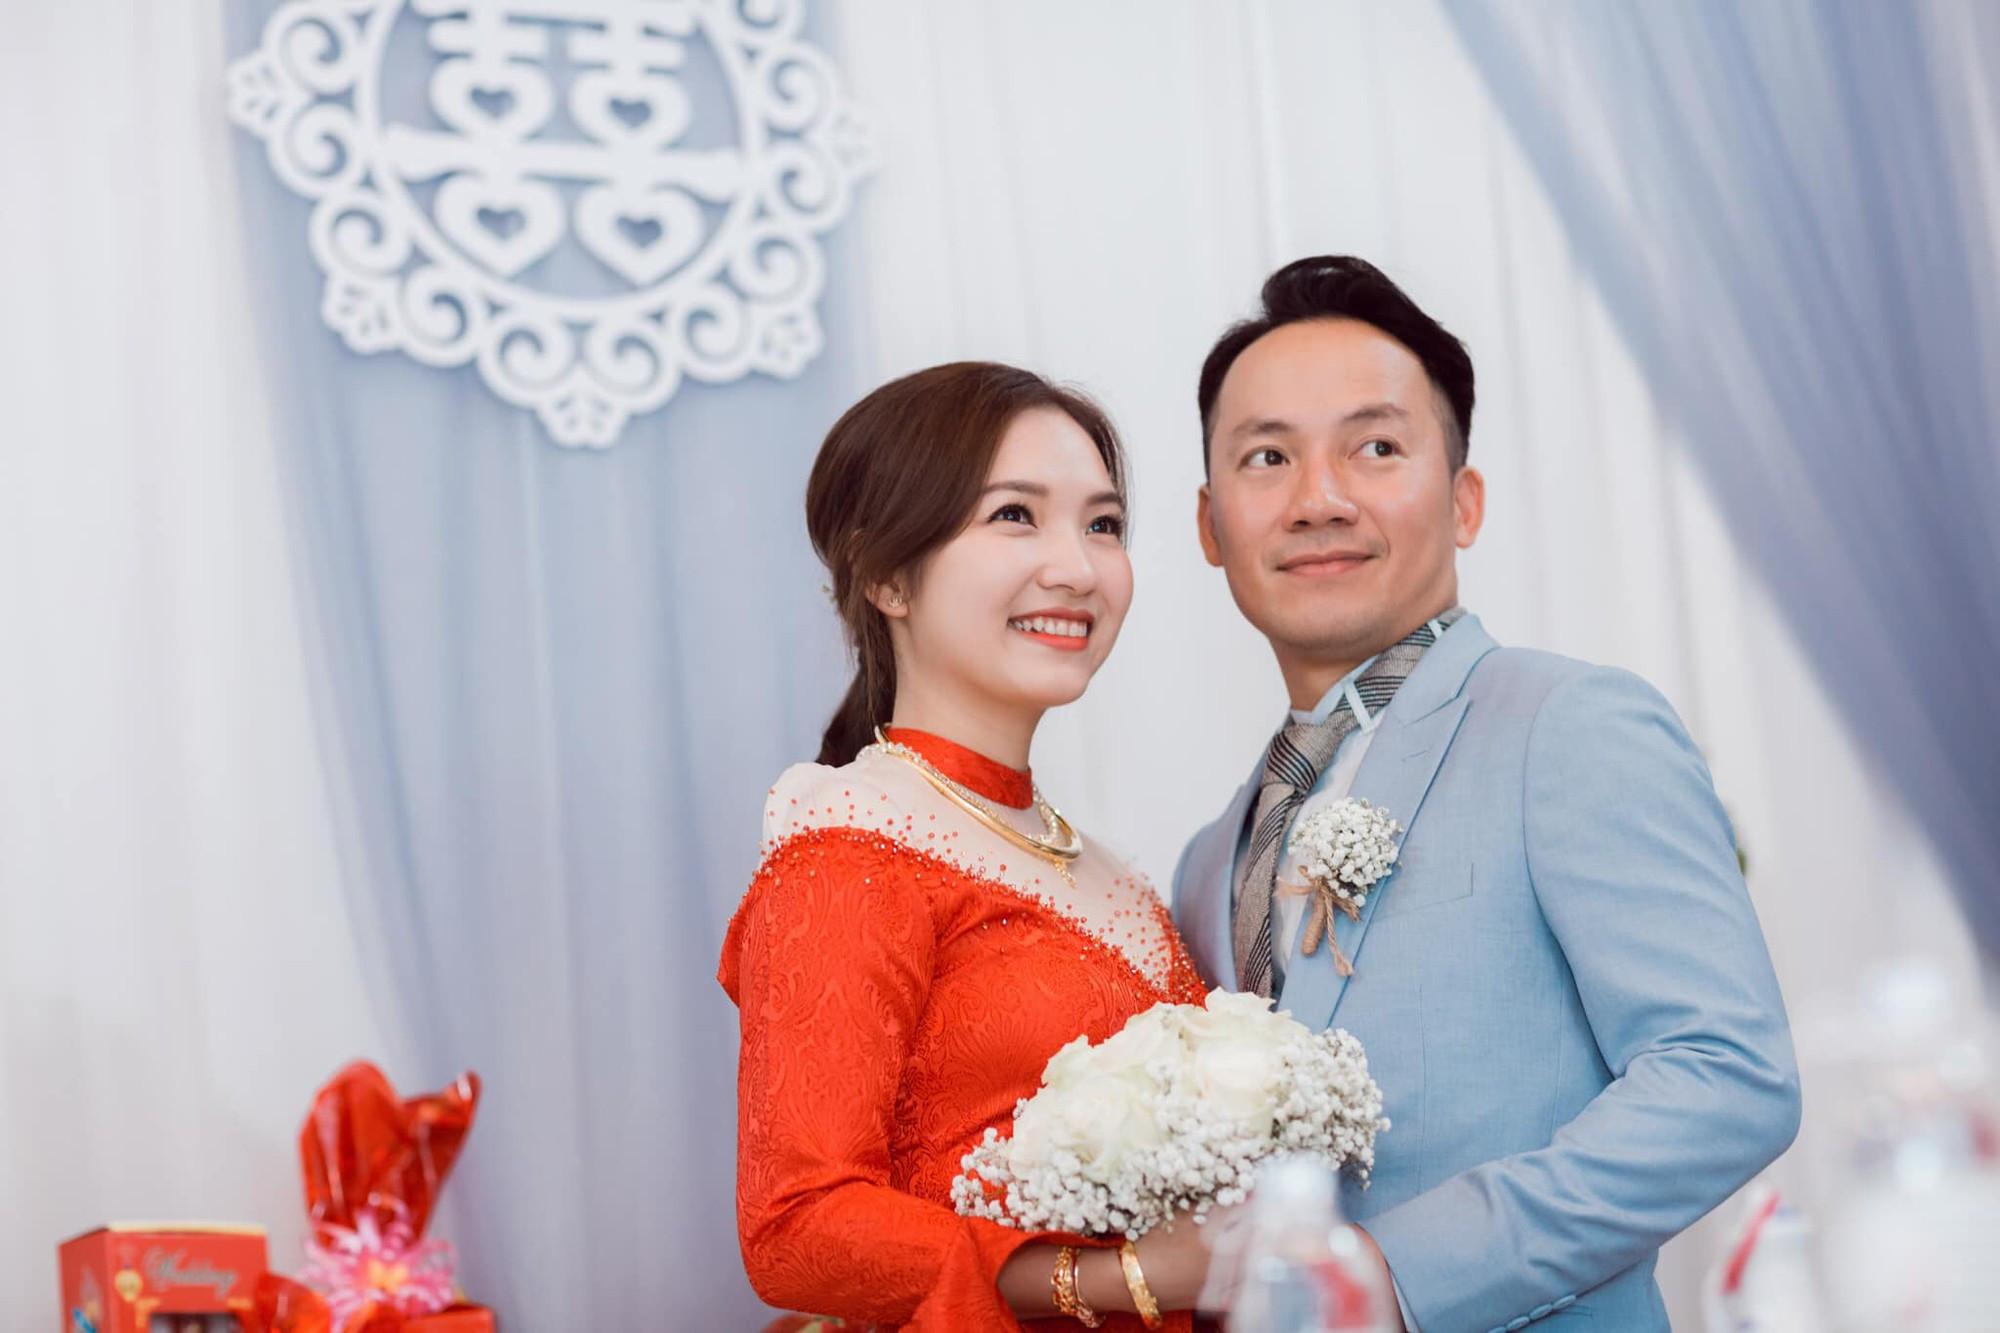 Cuộc sống sao nam Vbiz sau kết hôn: Người tất bật chạy show từng ngày, người chọn cuộc sống bình yên bên gia đình